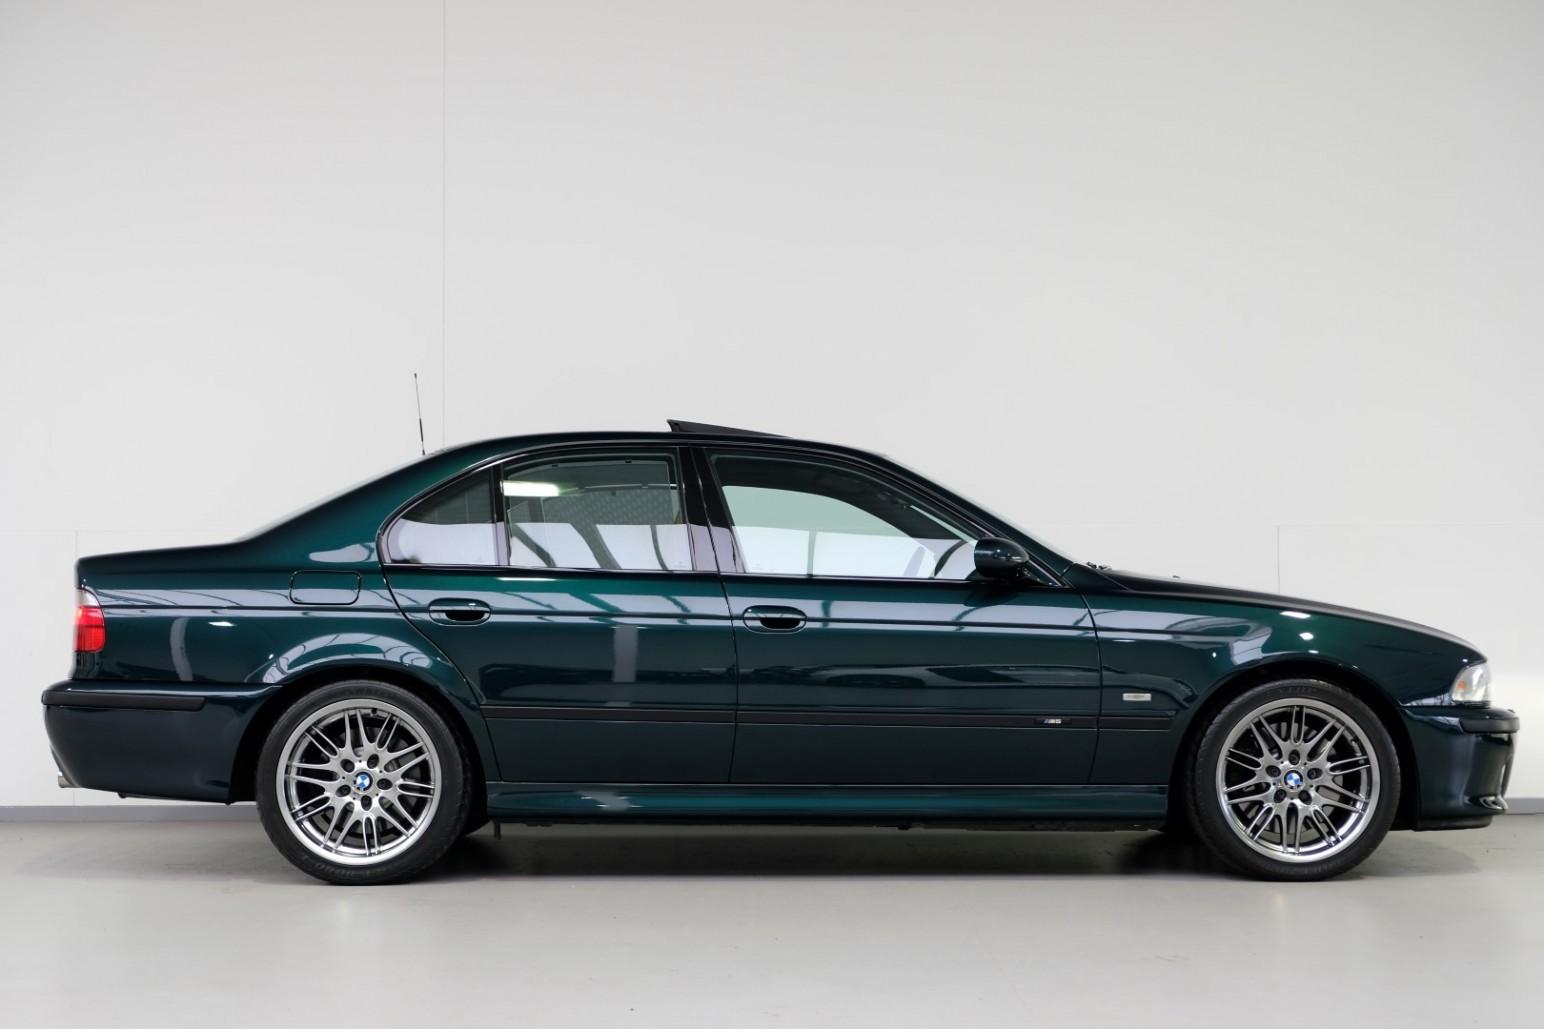 BMW-M5-E39-1999-for-sale-24